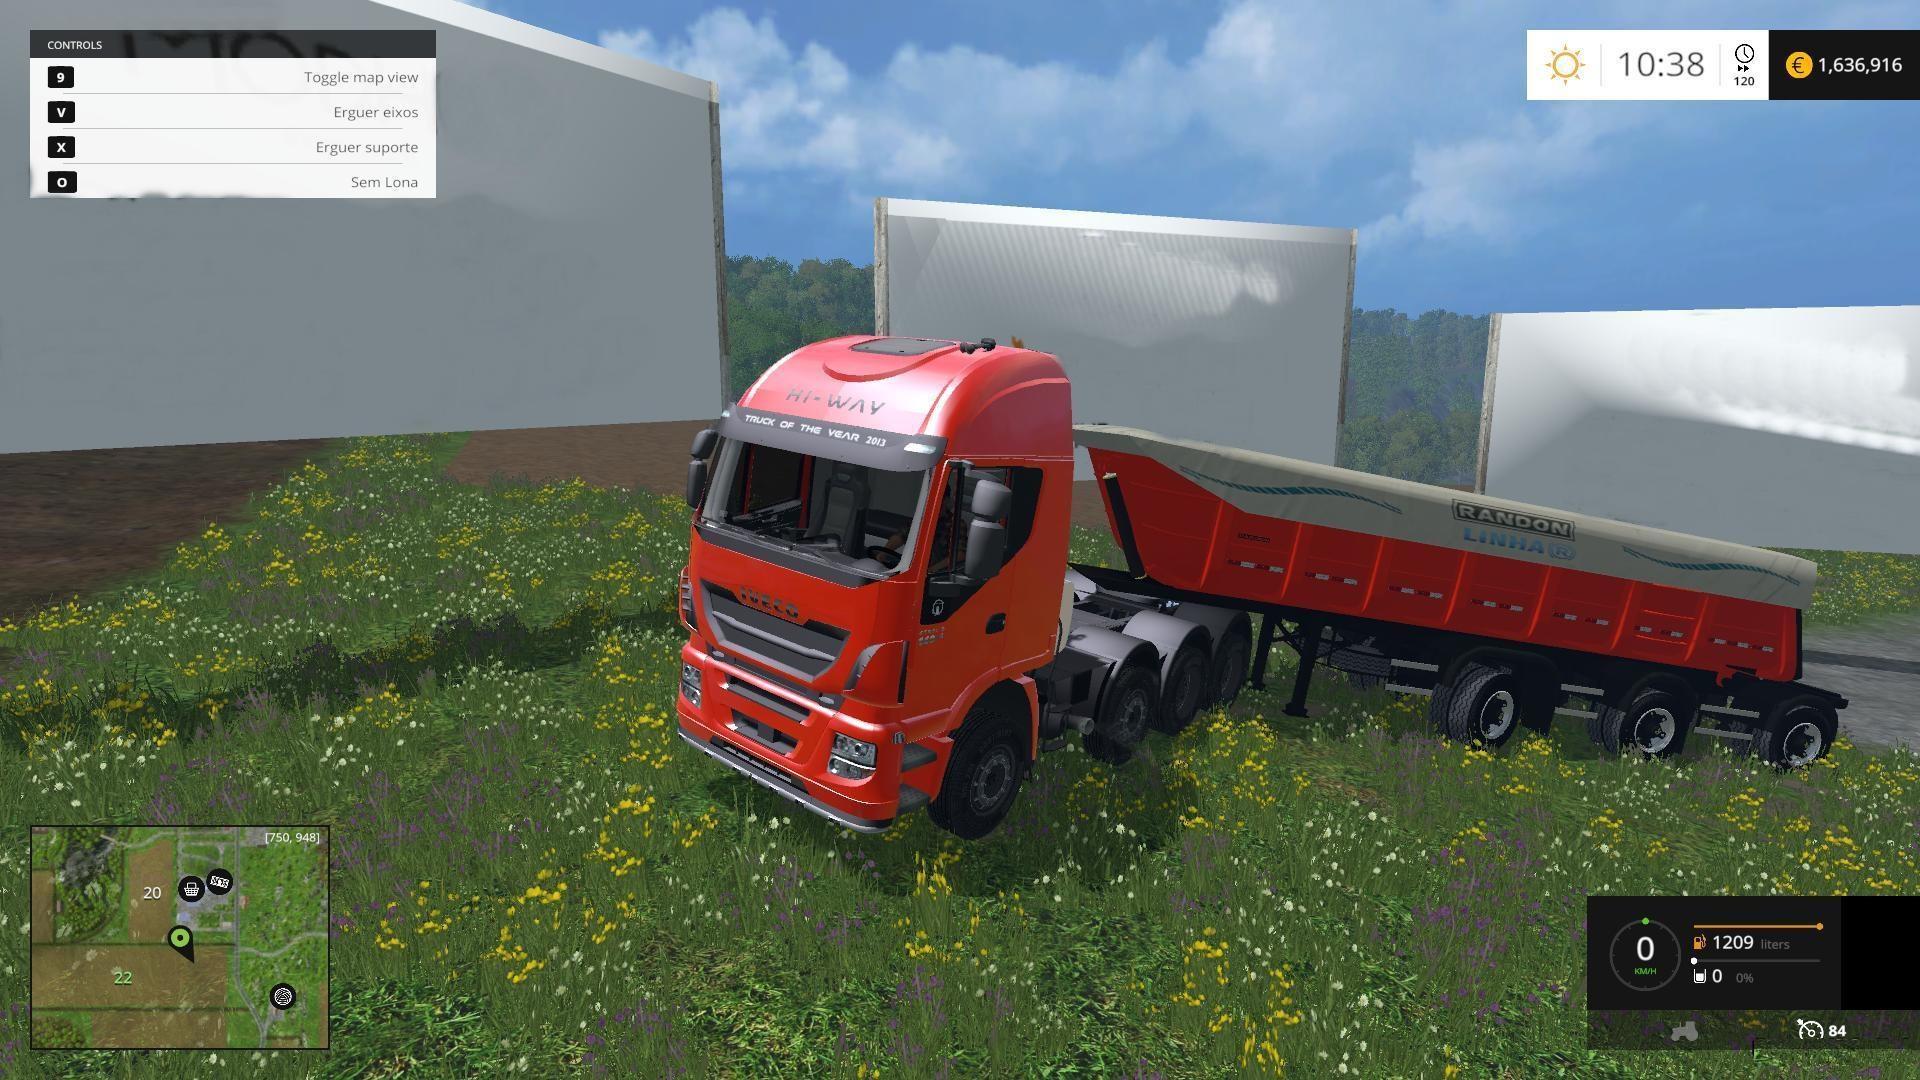 1424170565_iveco-stralis-560-8x4-trailer-v1_1-81